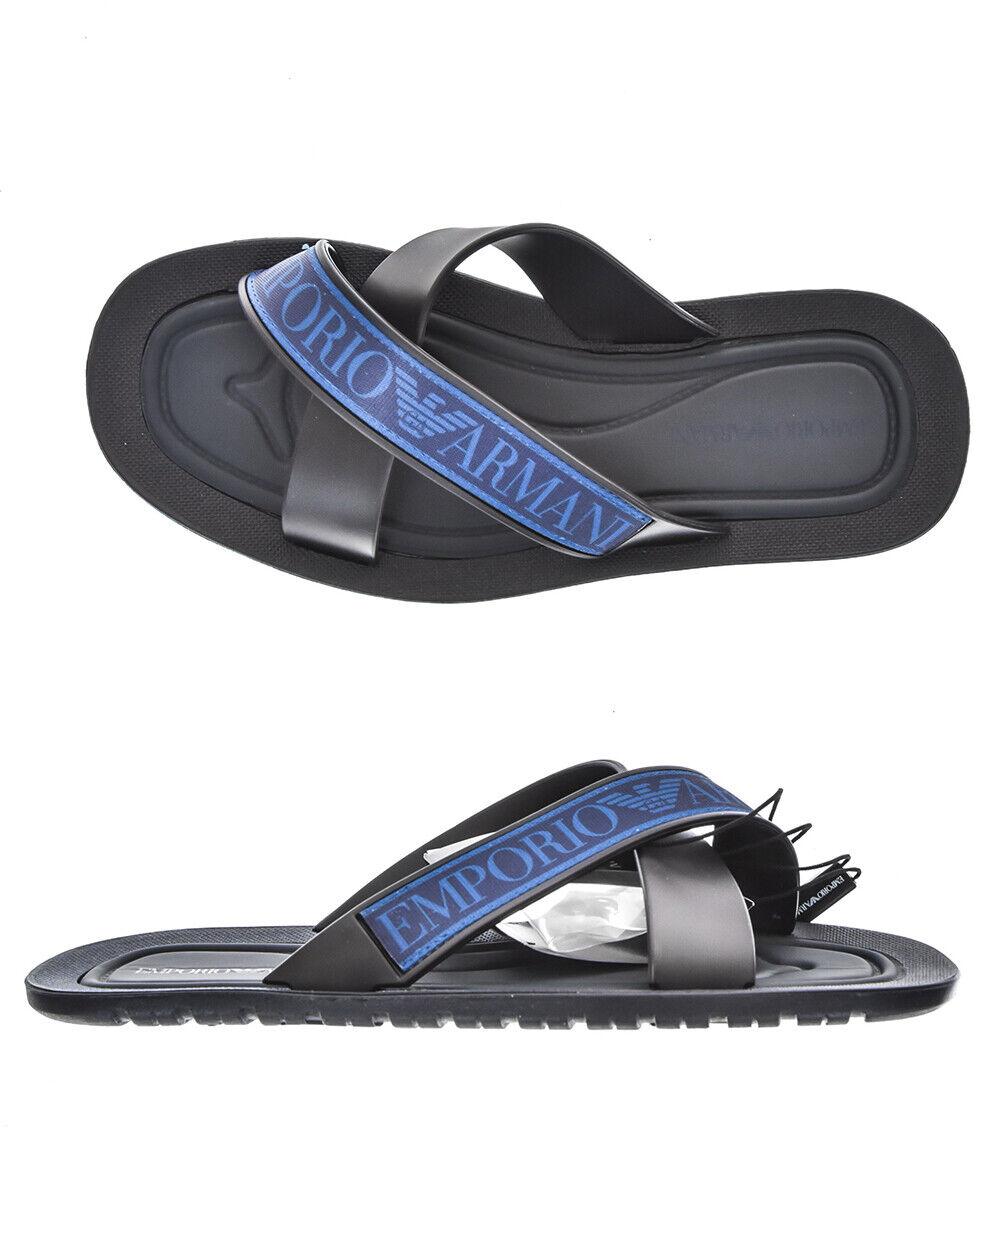 Emporio Armani Slippers scarpe ITALY Man  blu X4P079XL293 A046 Sz.41 PUT OFFERTA  vieni a scegliere il tuo stile sportivo